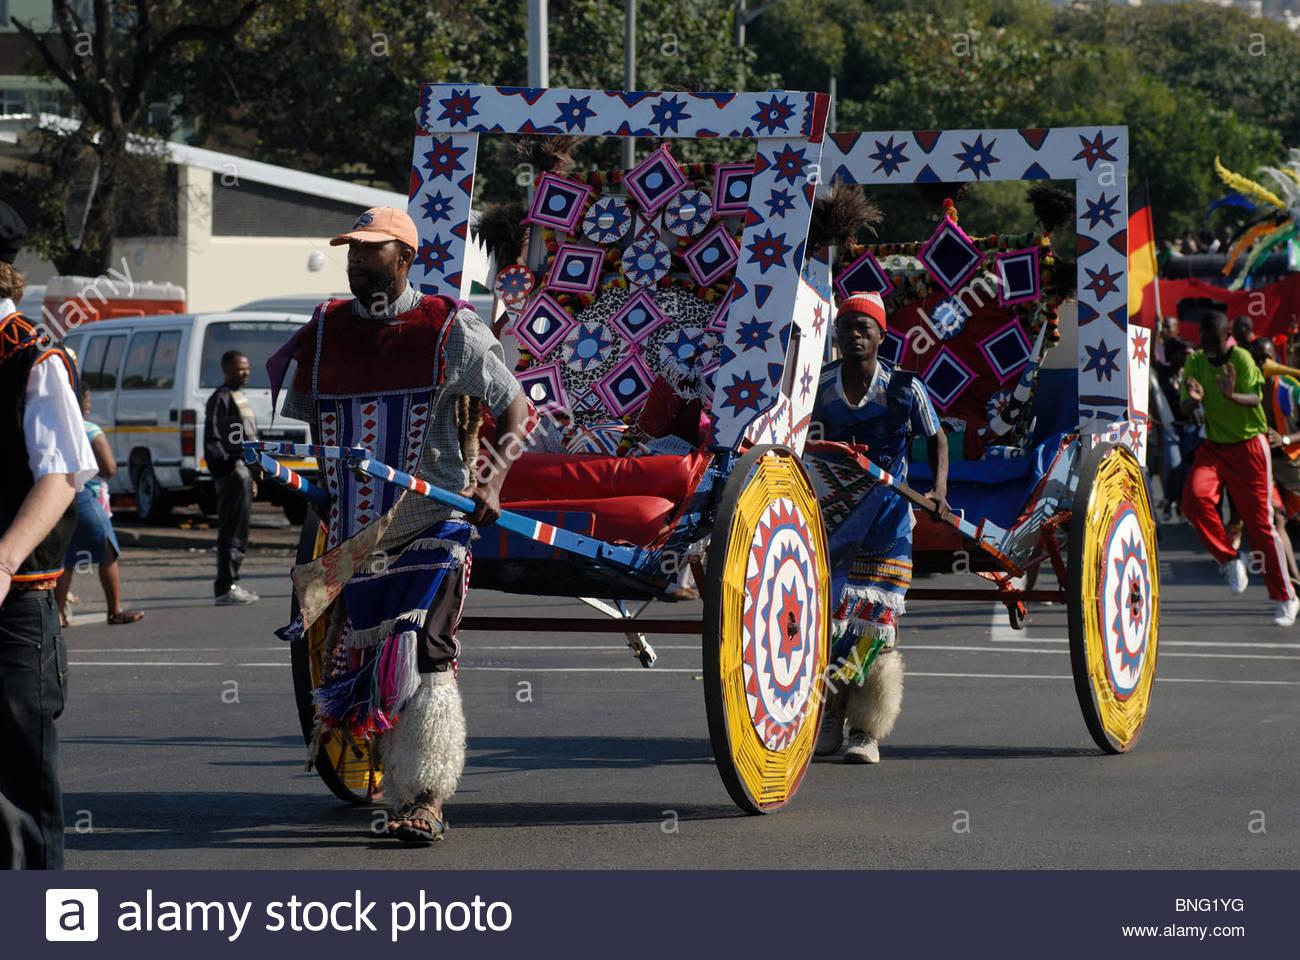 Tuk-tuk rides in Paris: rickshaw tours